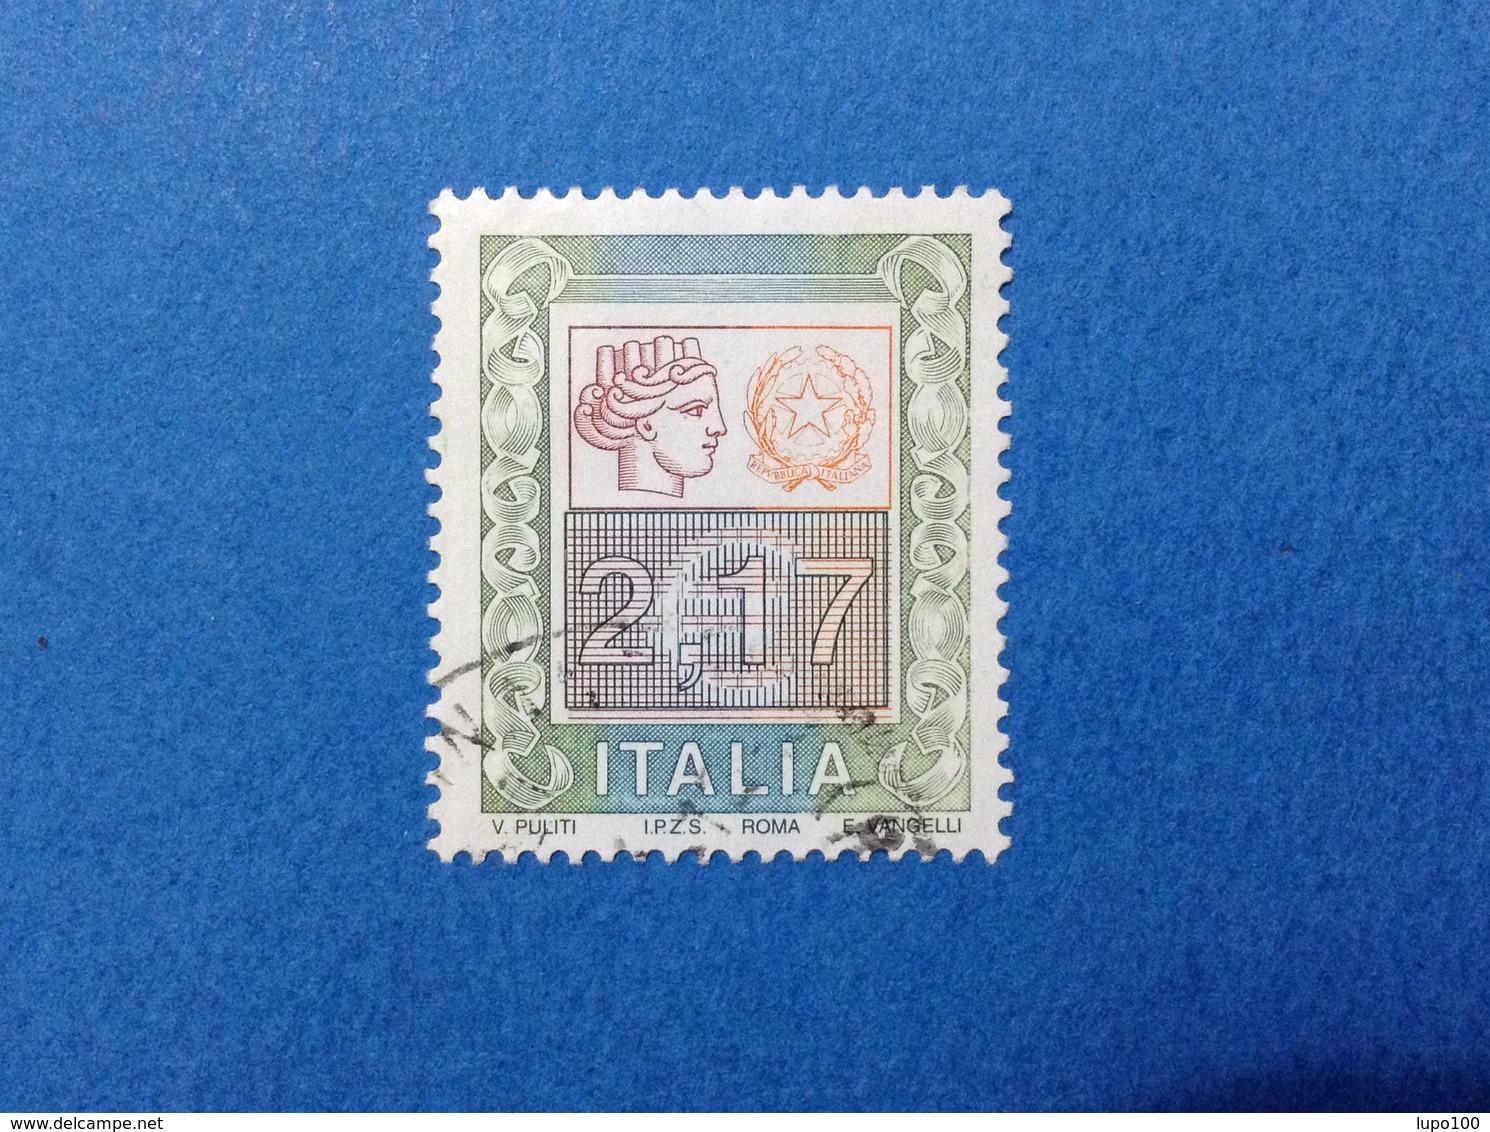 2002 ITALIA FRANCOBOLLO USATO STAMP USED ALTO VALORE 2,17 - 6. 1946-.. Repubblica